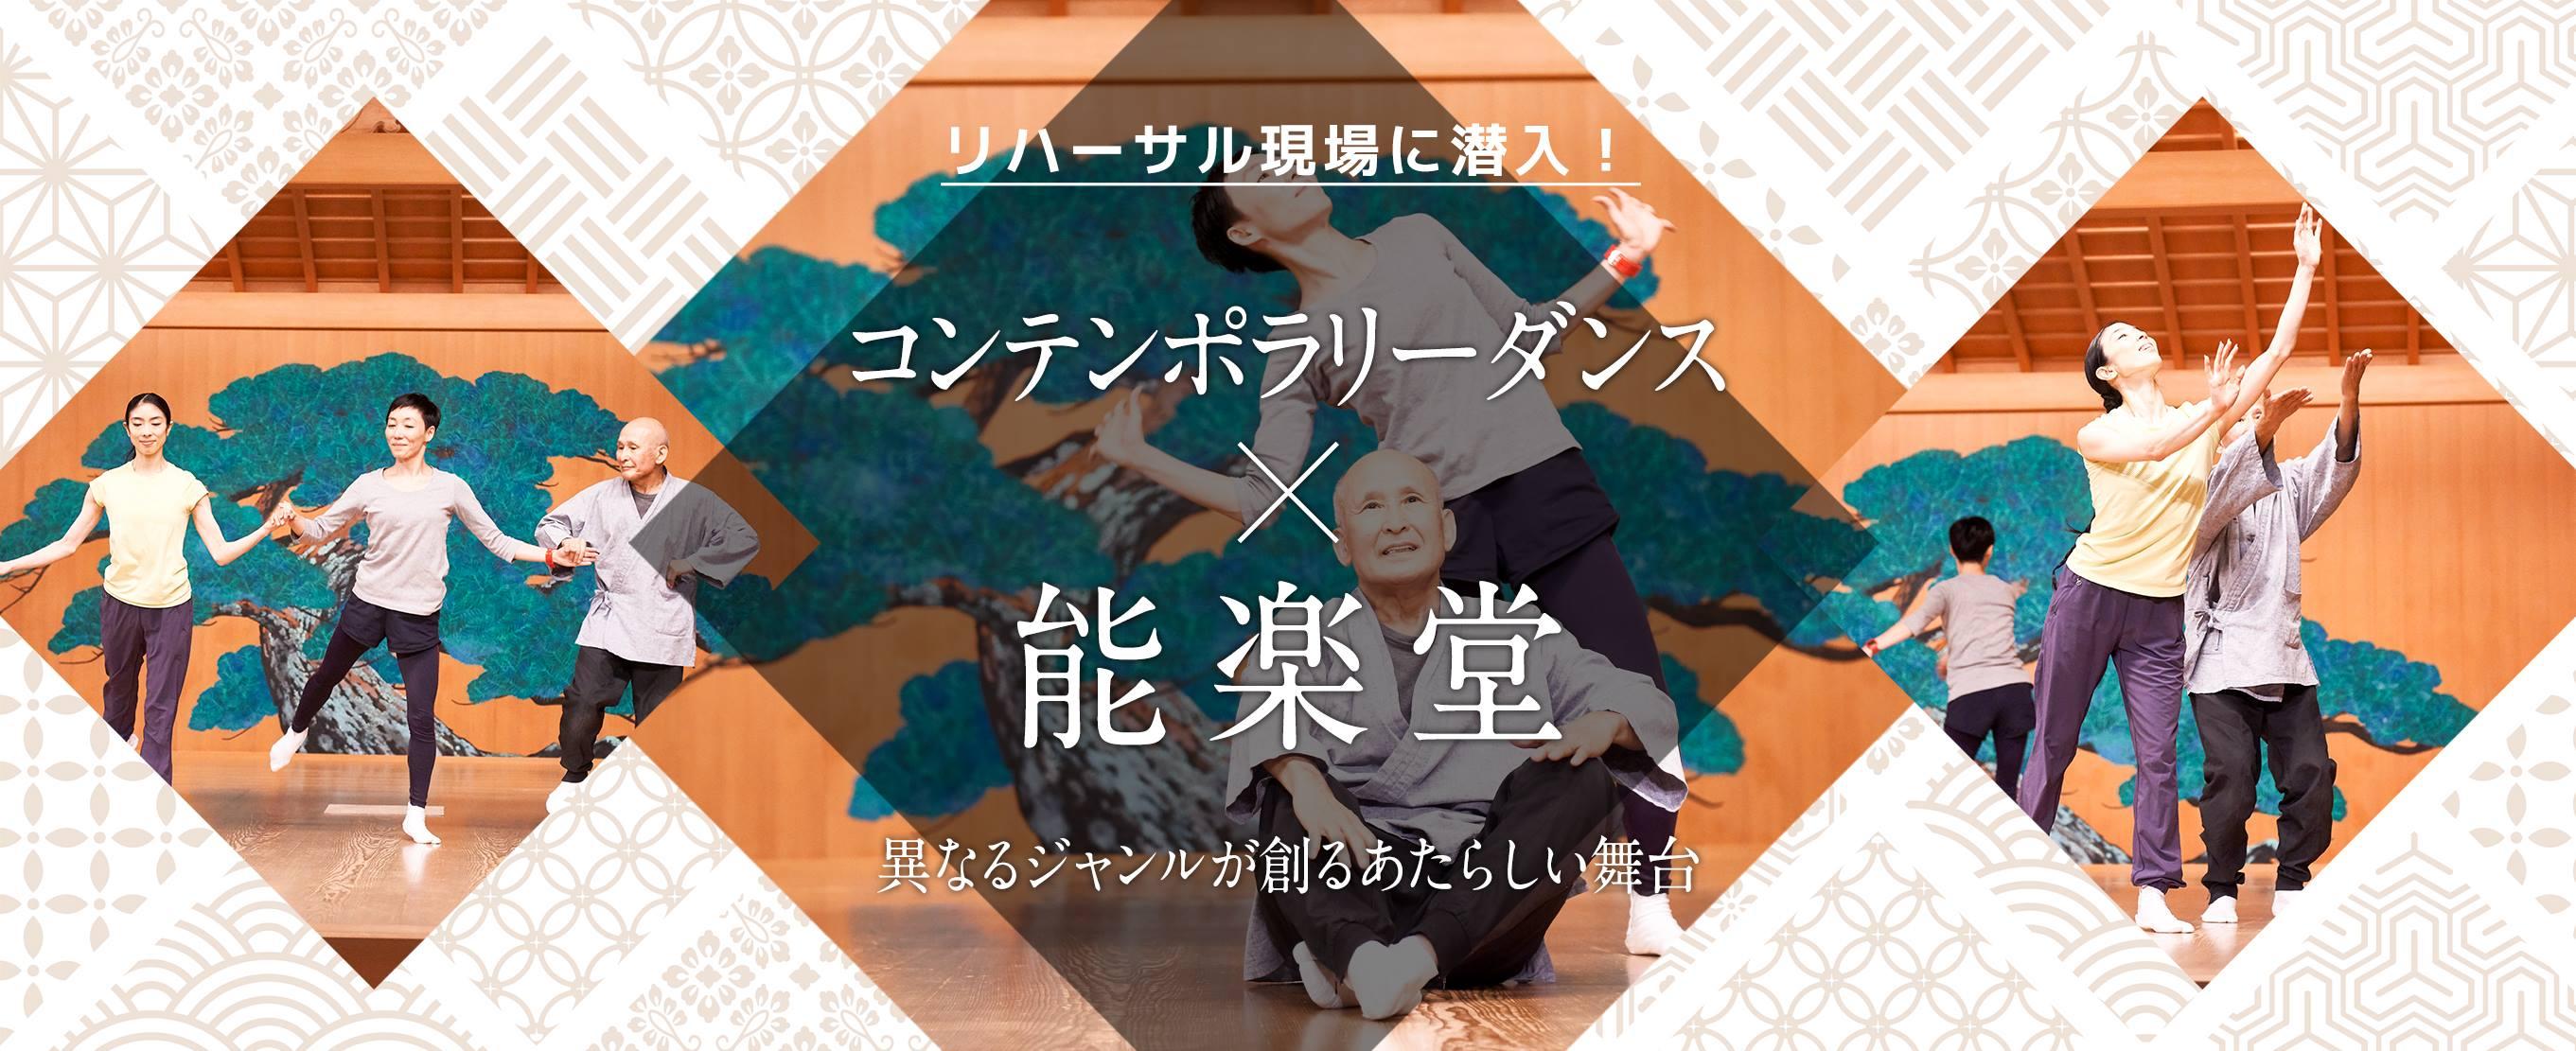 リハーサル現場に潜入! コンテンポラリーダンス✕能楽堂 異なるジャンルが創るあたらしい舞台